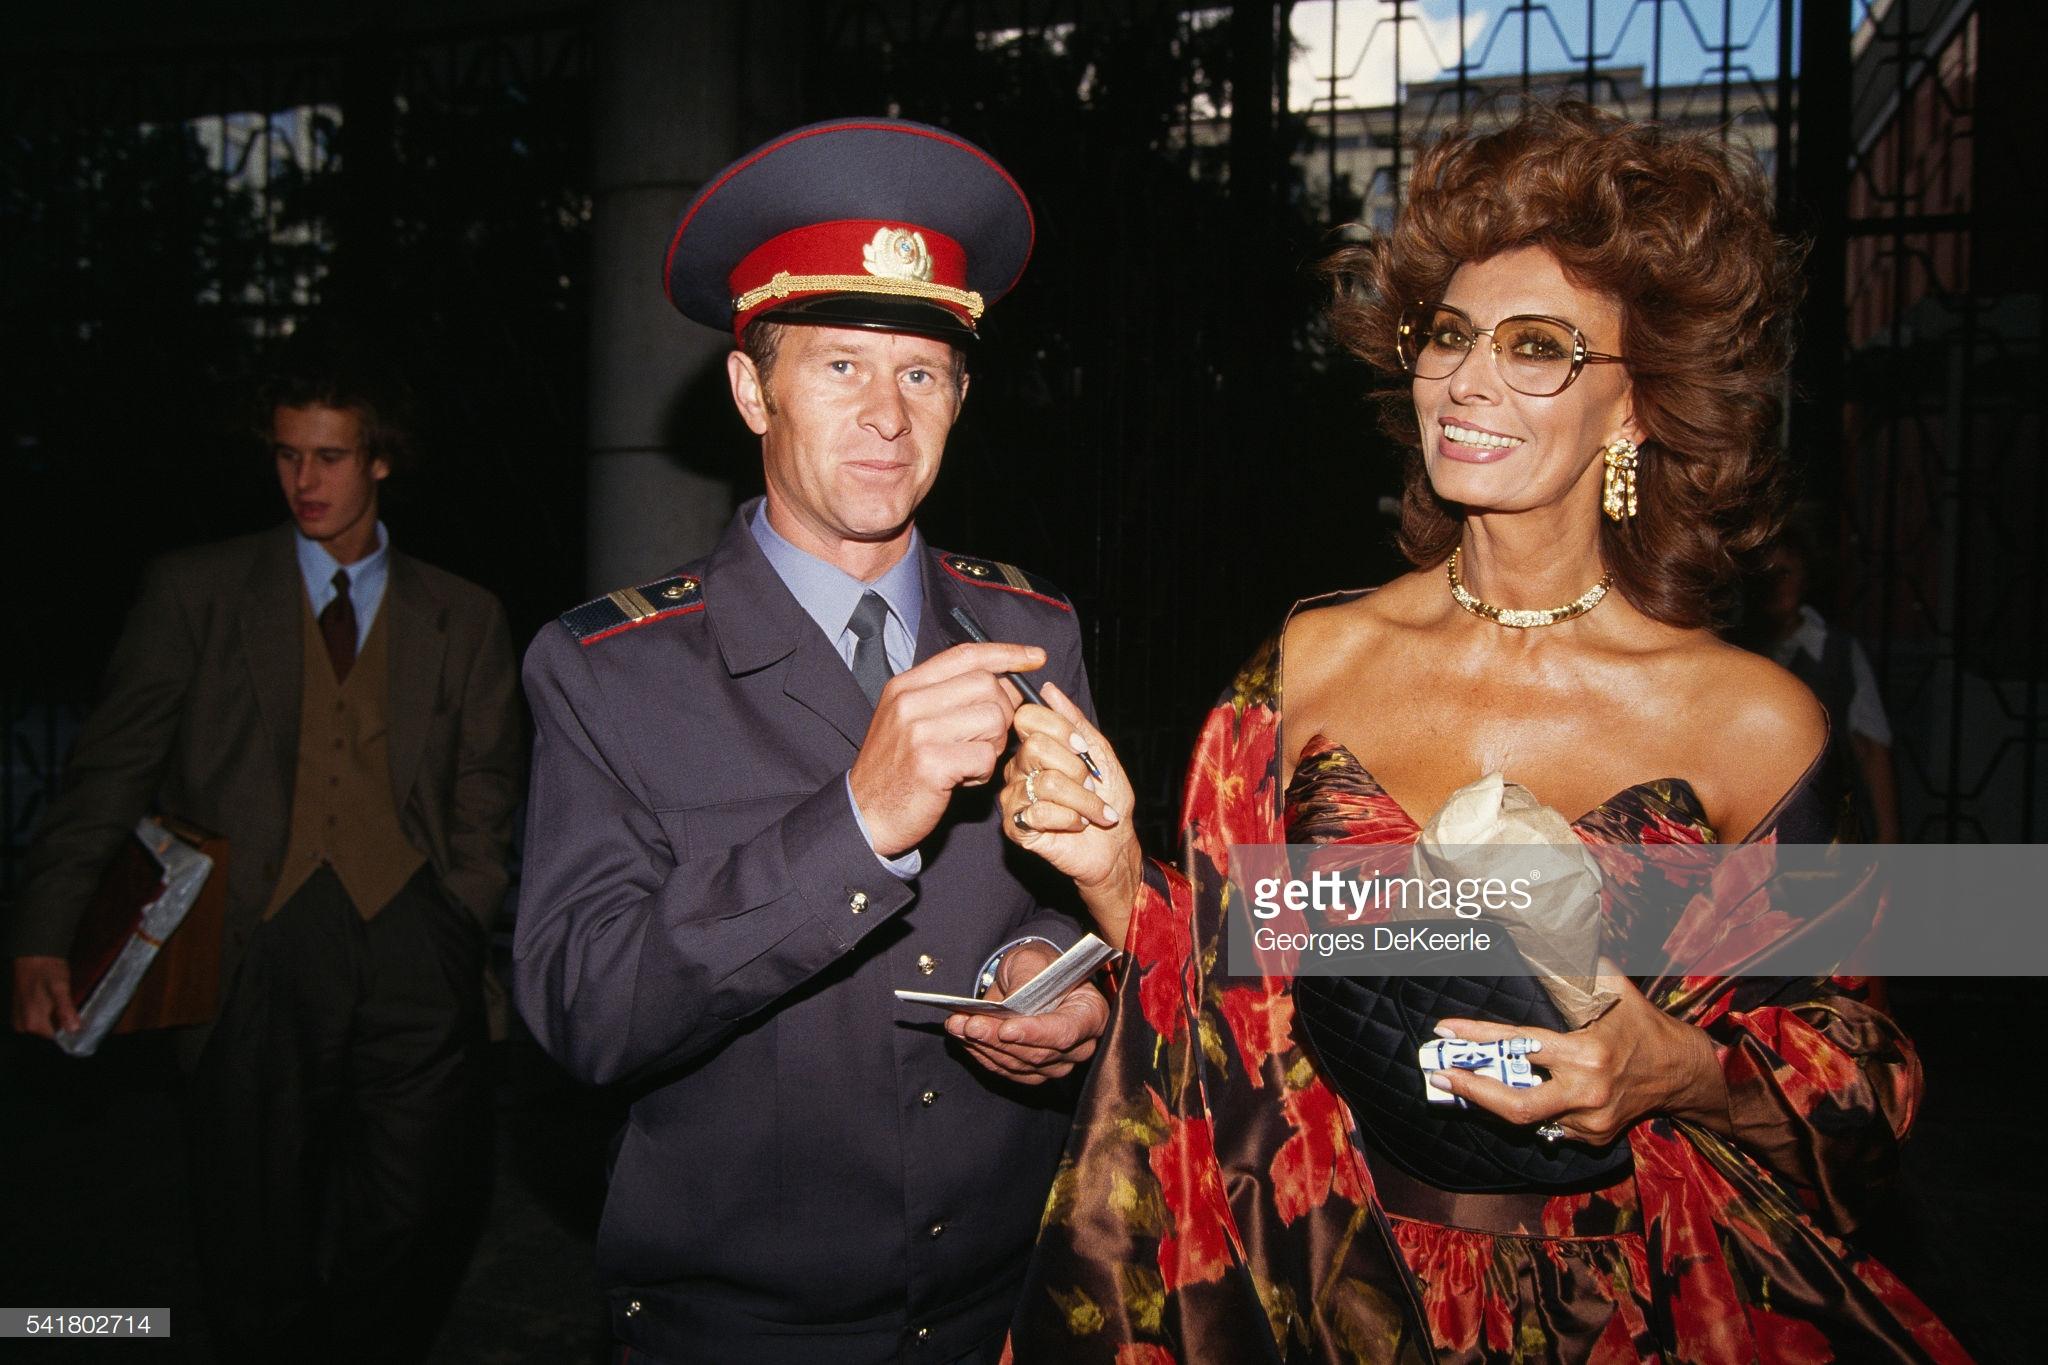 Милиционер берет образцы почерка у Софи Лорен на Московском кинофестивале